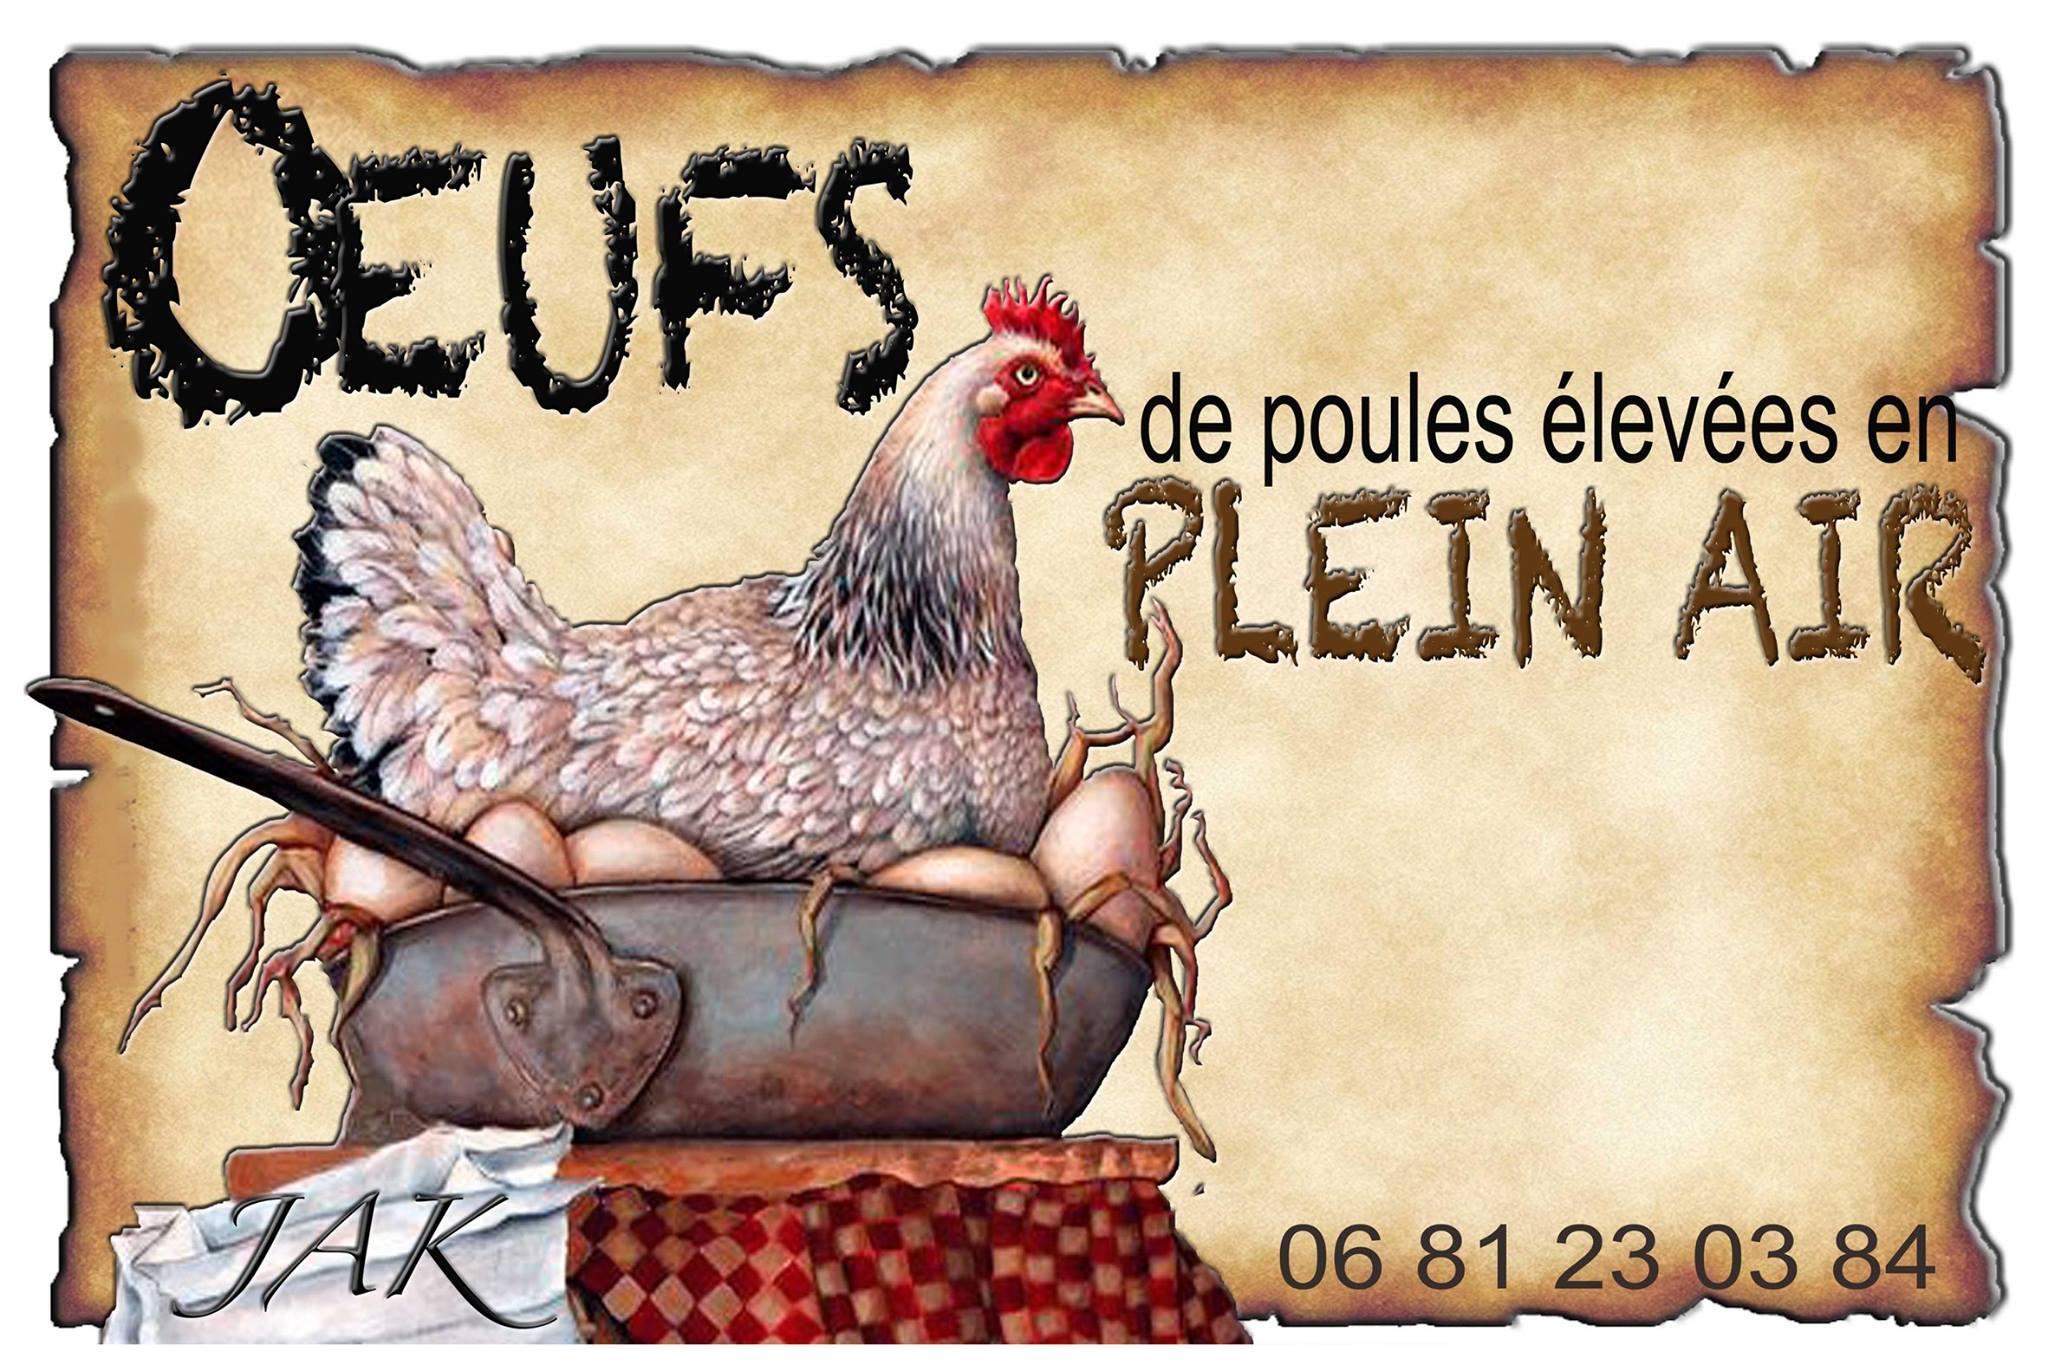 Oeufs FRAIS de poules élevées en plein air